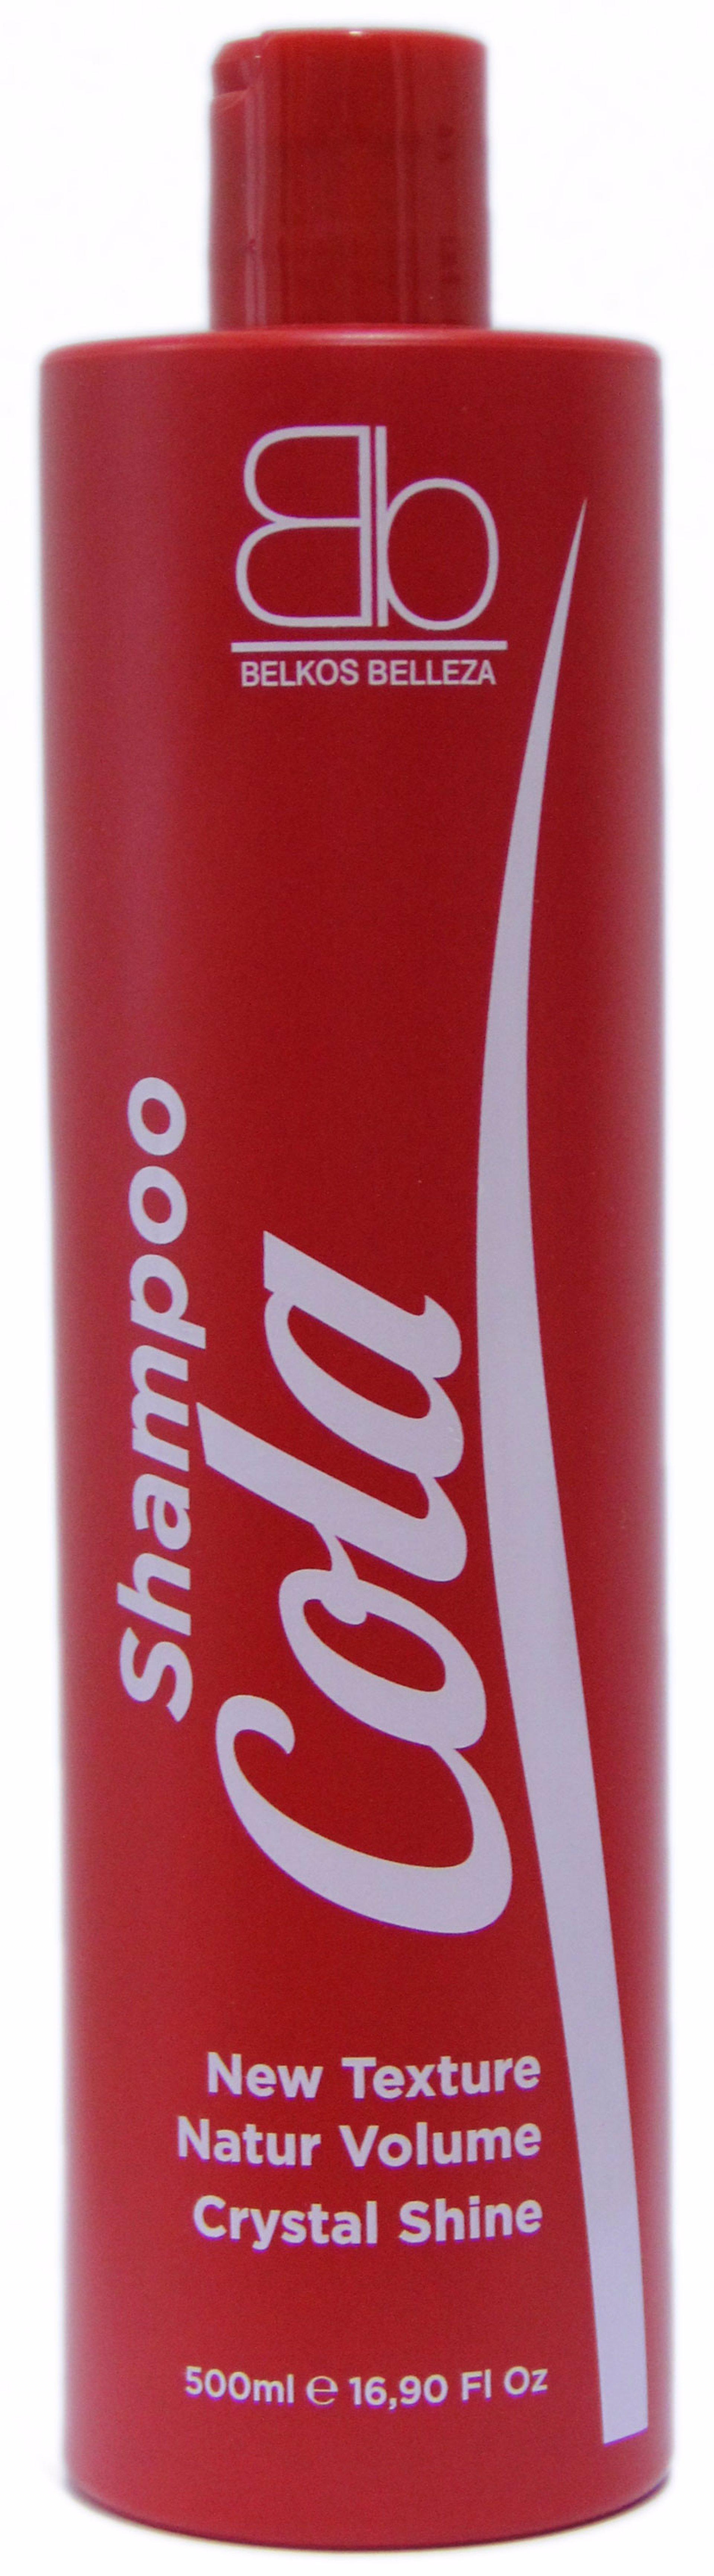 Coca cola para aclarar el cabello